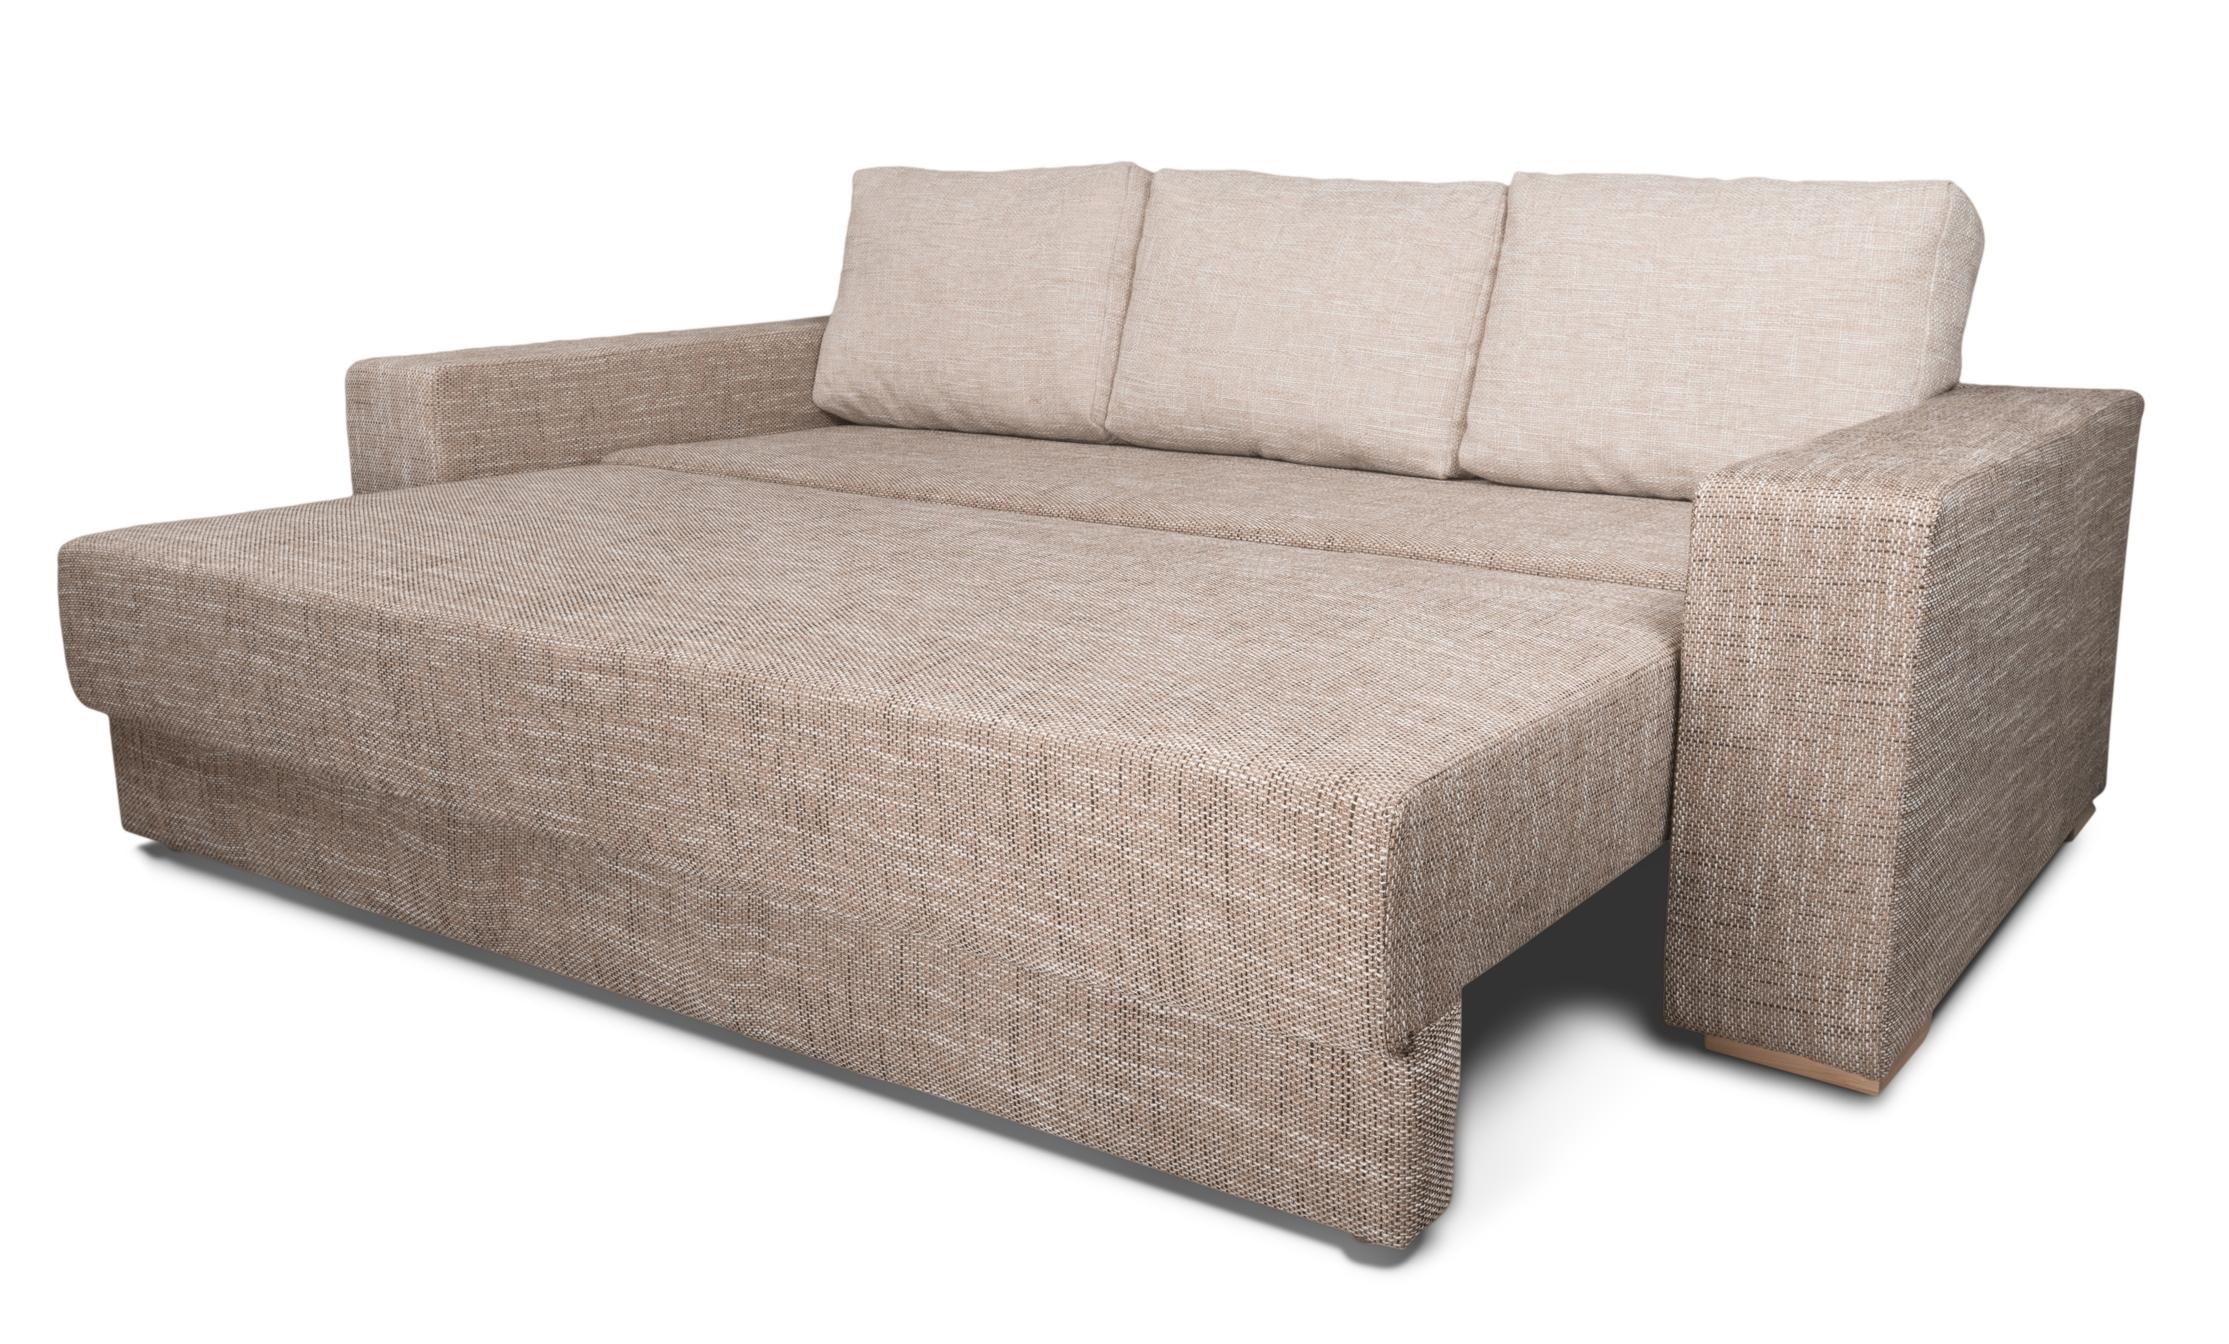 Comment transformer un lit en canapé ?